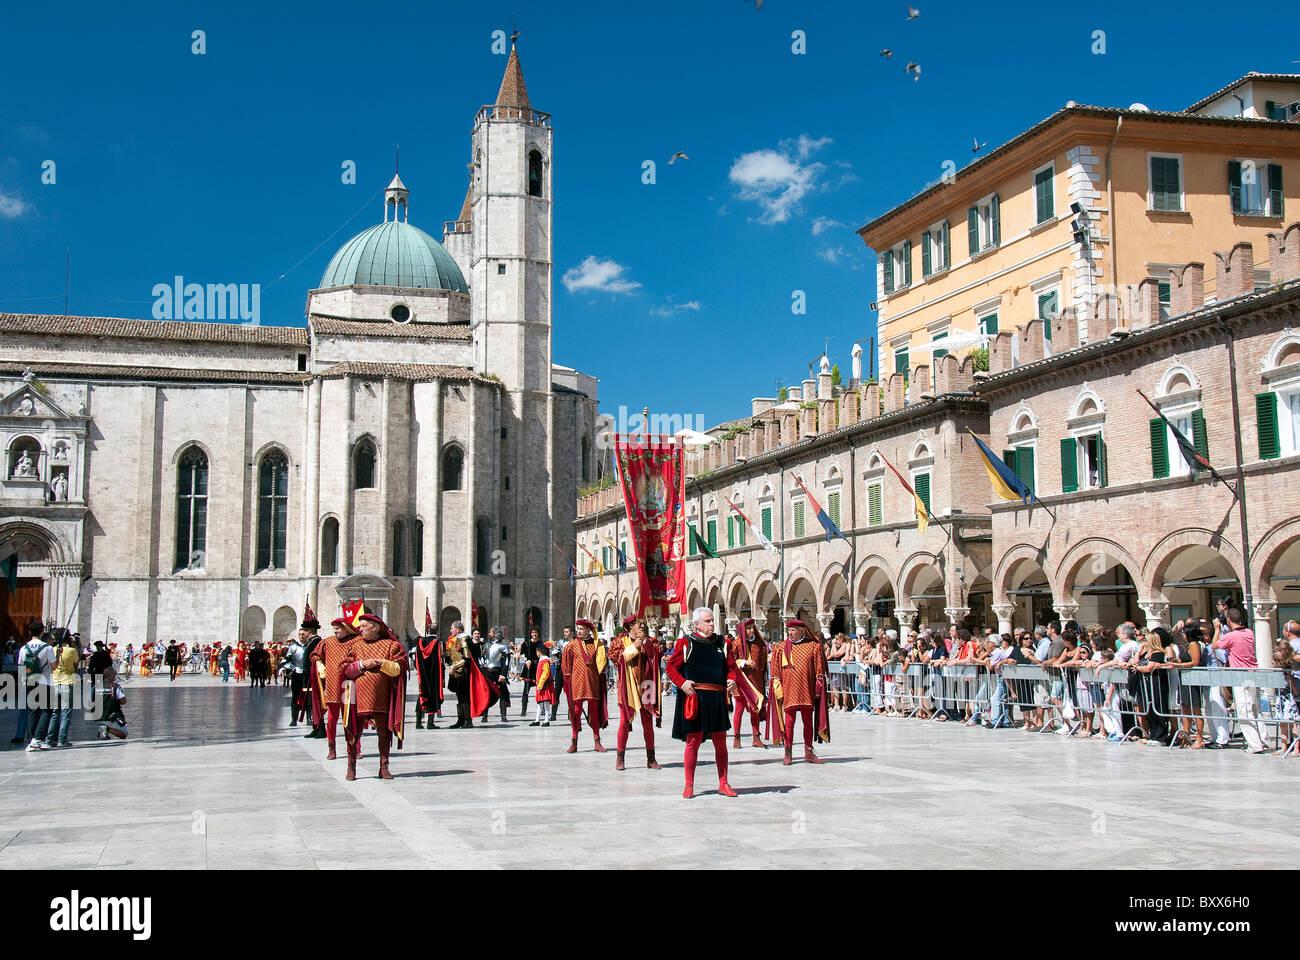 The festival of the Quintana in Piazza del Popolo, Ascoli Piceno, Le Marches - Stock Image